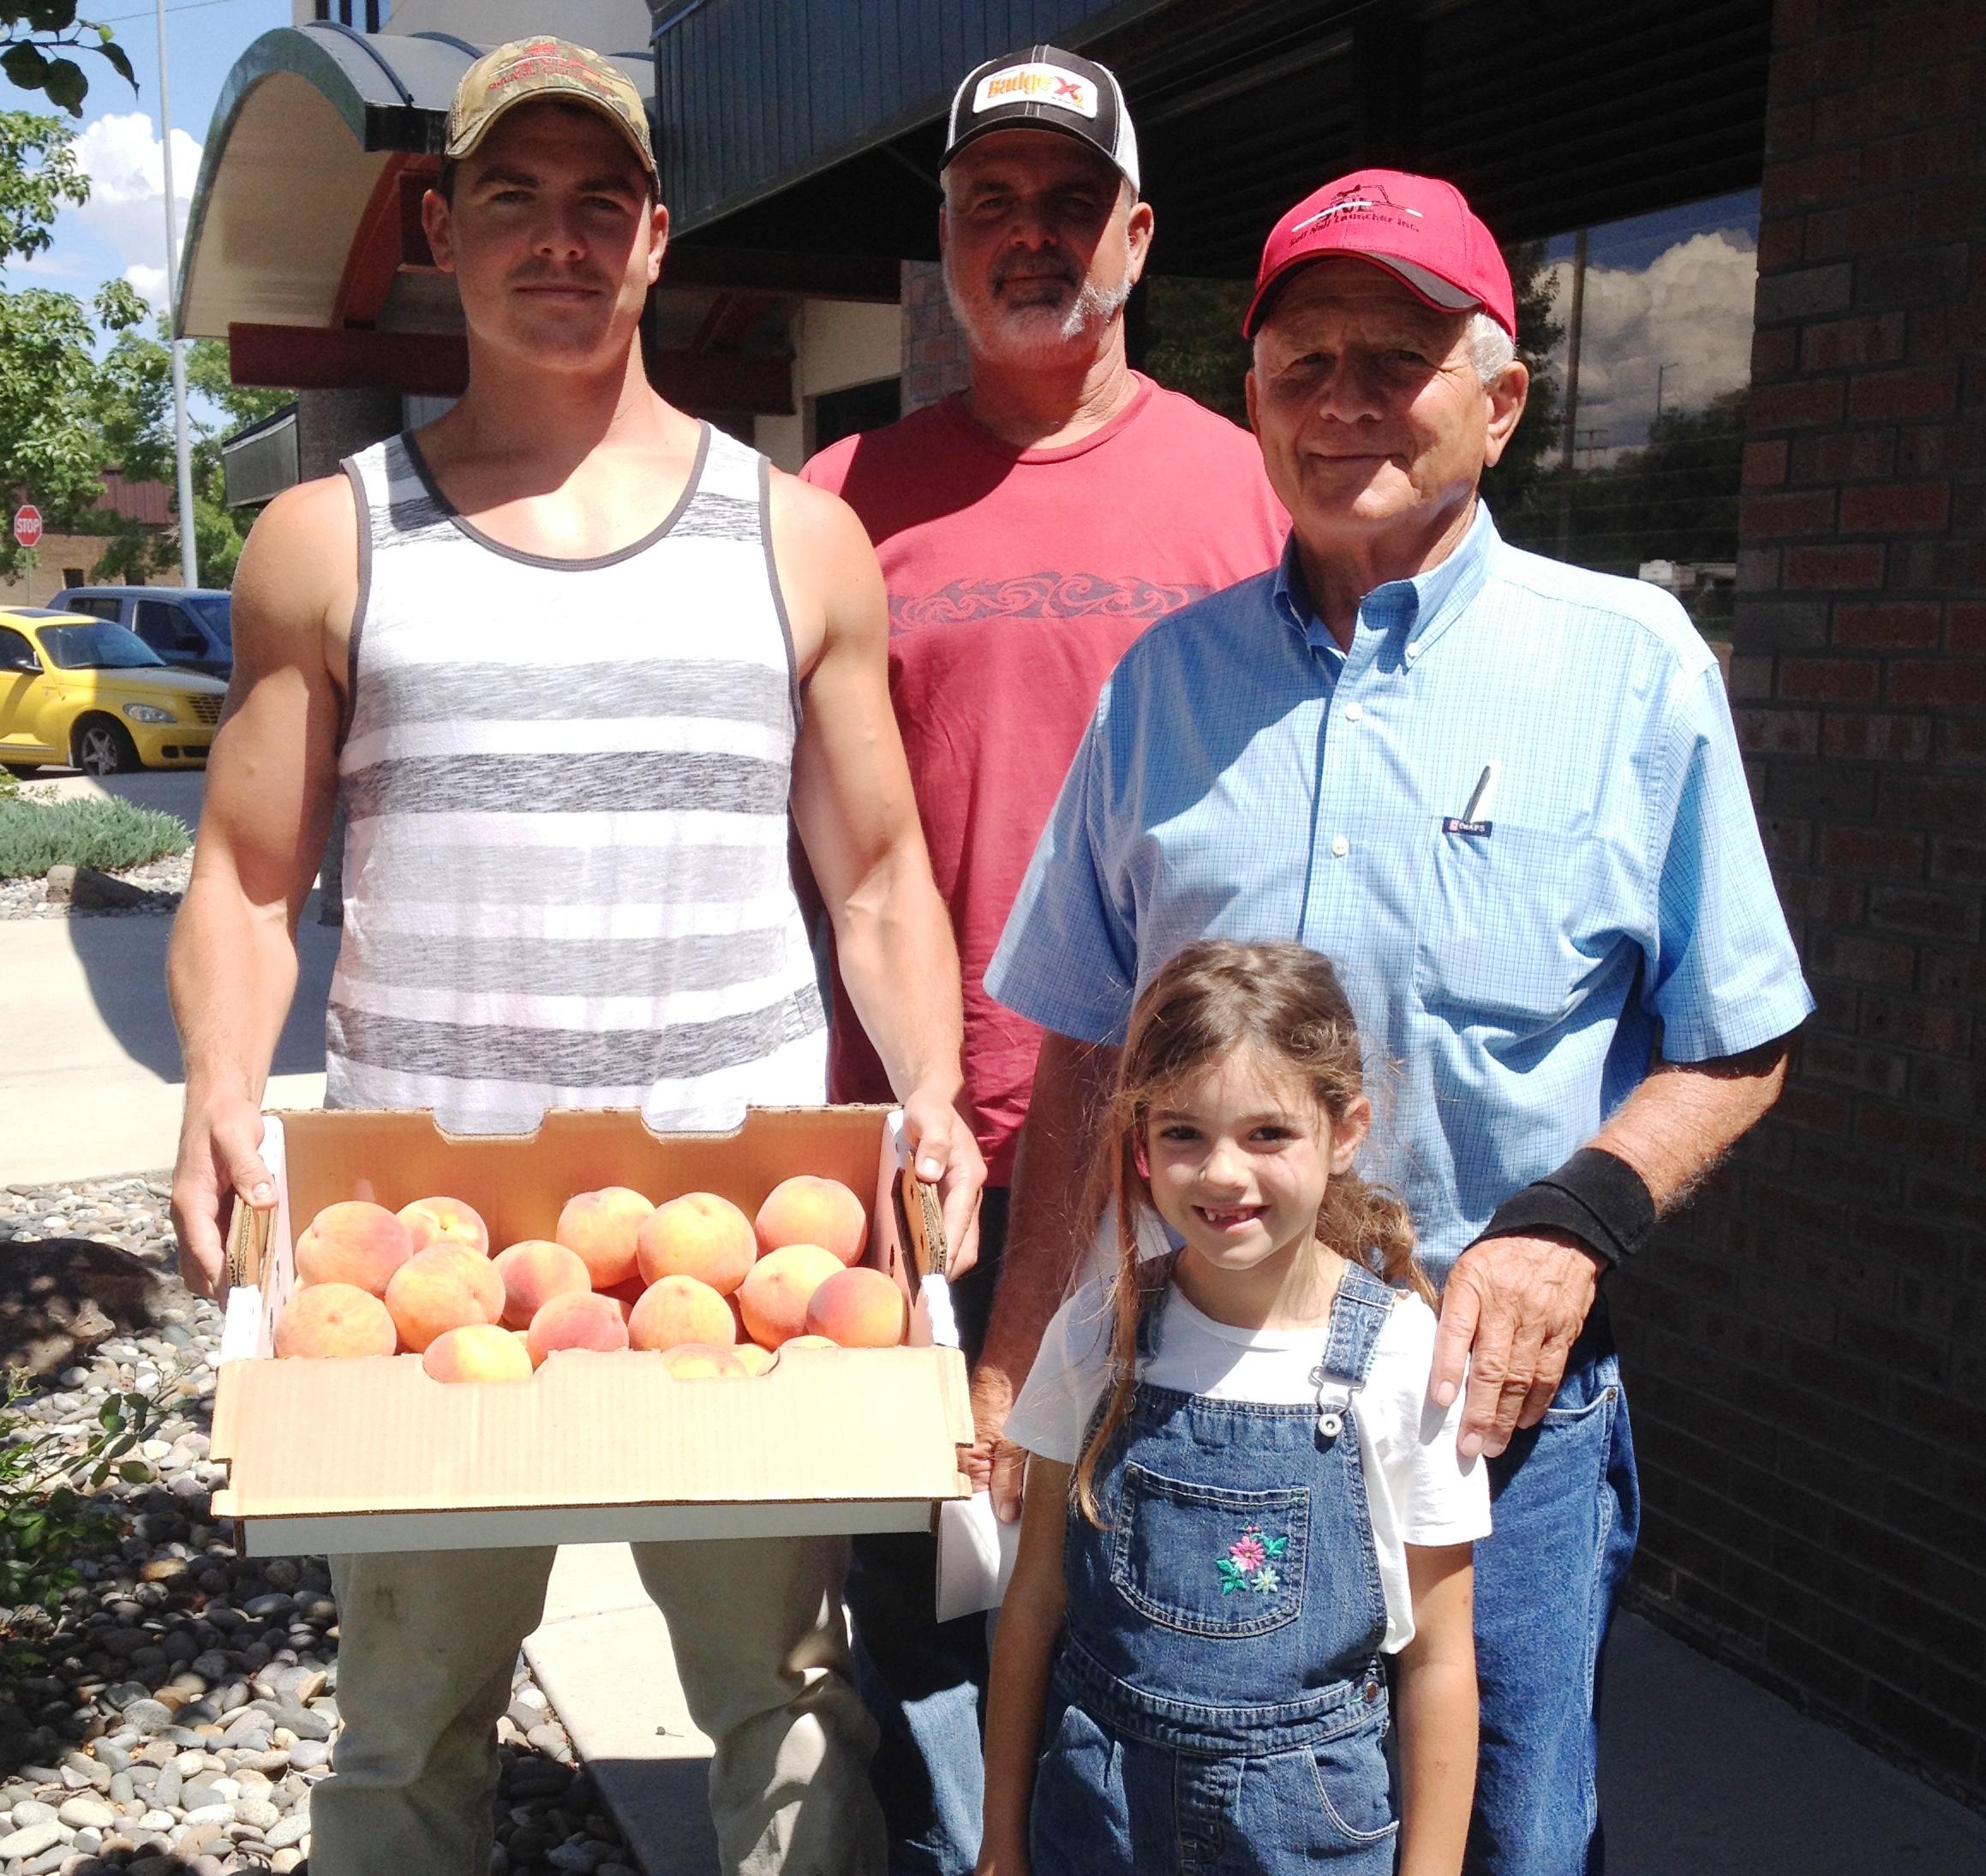 ruckman, peach farm